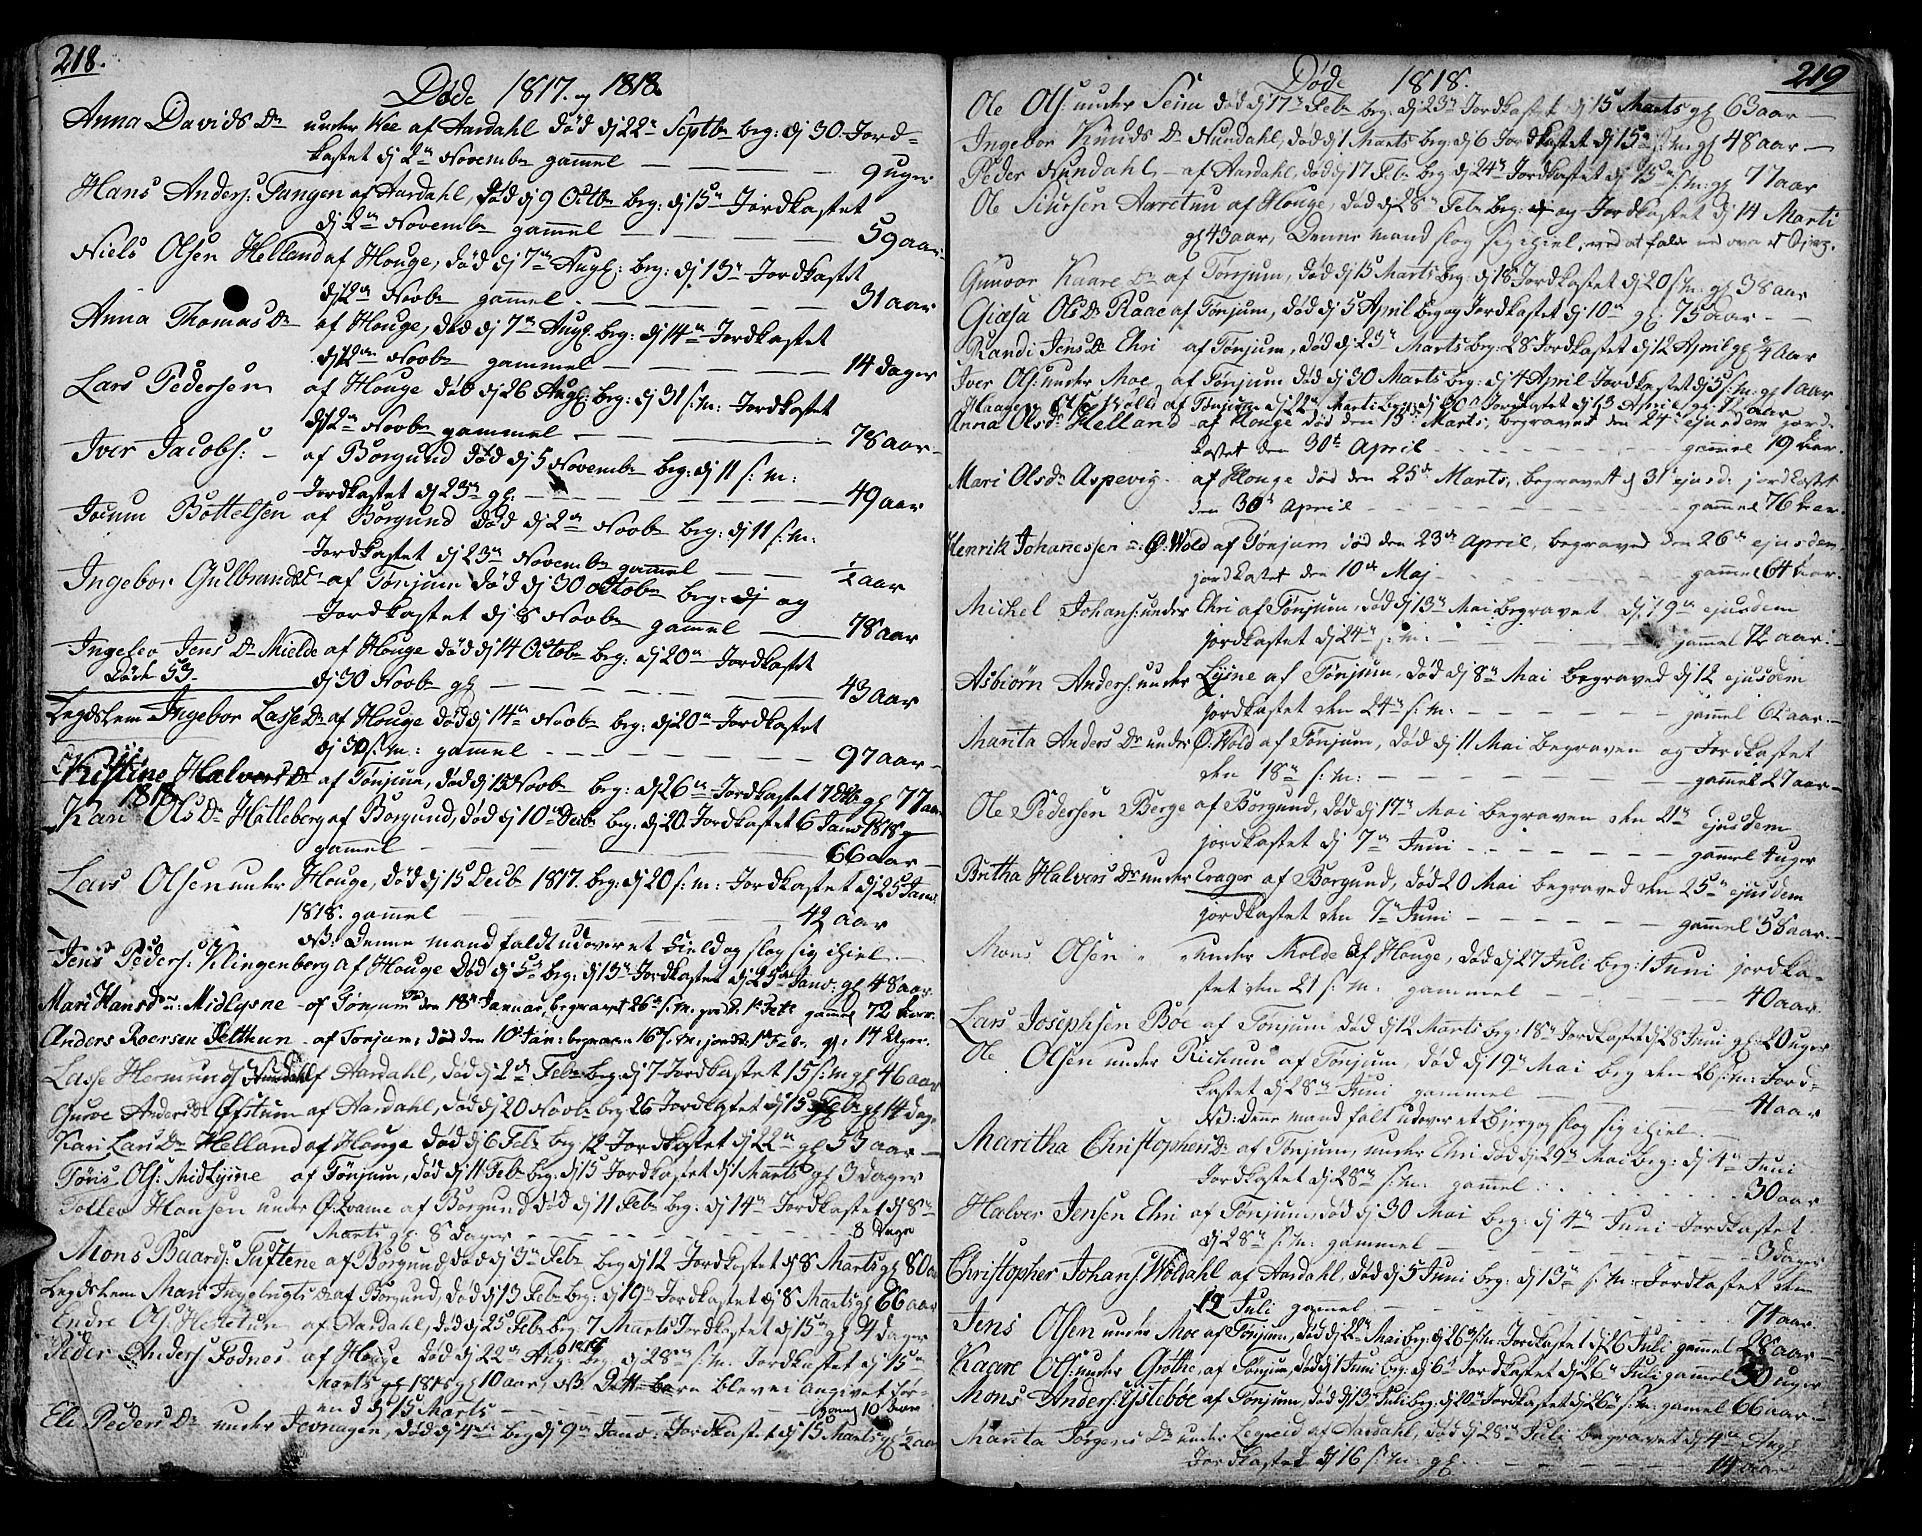 SAB, Lærdal sokneprestembete, Ministerialbok nr. A 4, 1805-1821, s. 218-219